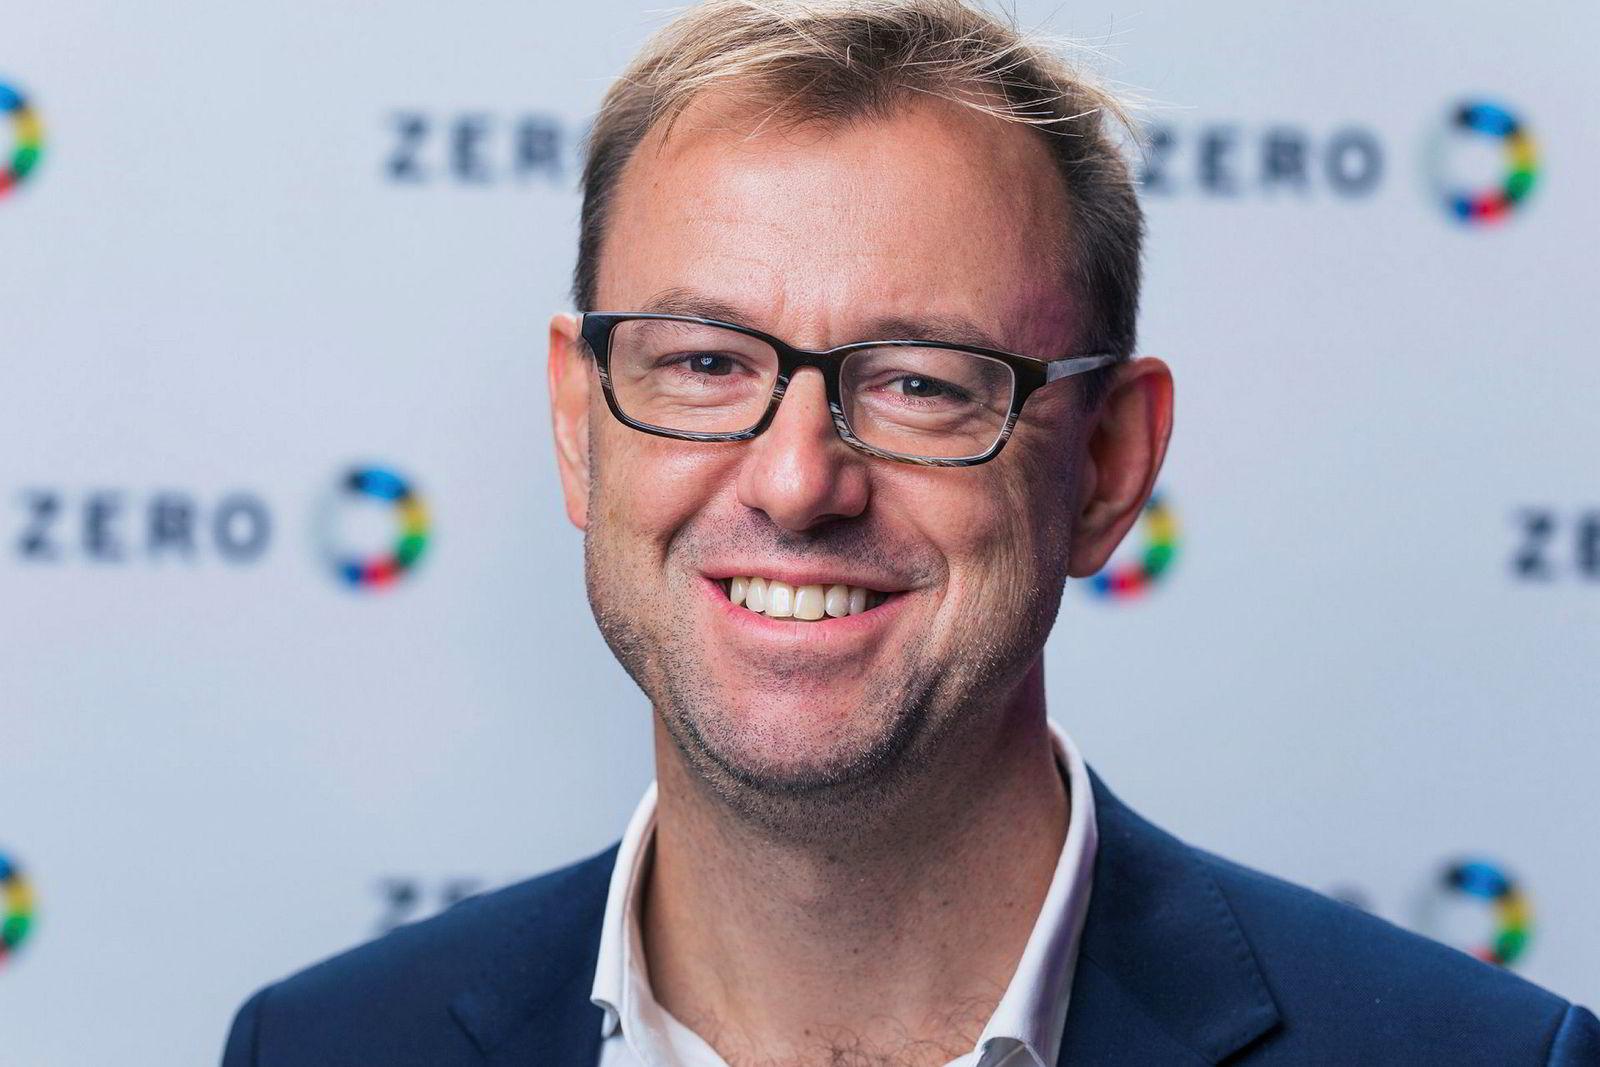 Ny rapport: Global videostrømming står for like store utslipp som Spania. Jon Evang, kommunikasjonssjef i miljøstiftelsen Zero, tror problemet er for sammensatt til at strømming alene skal ha skylden.